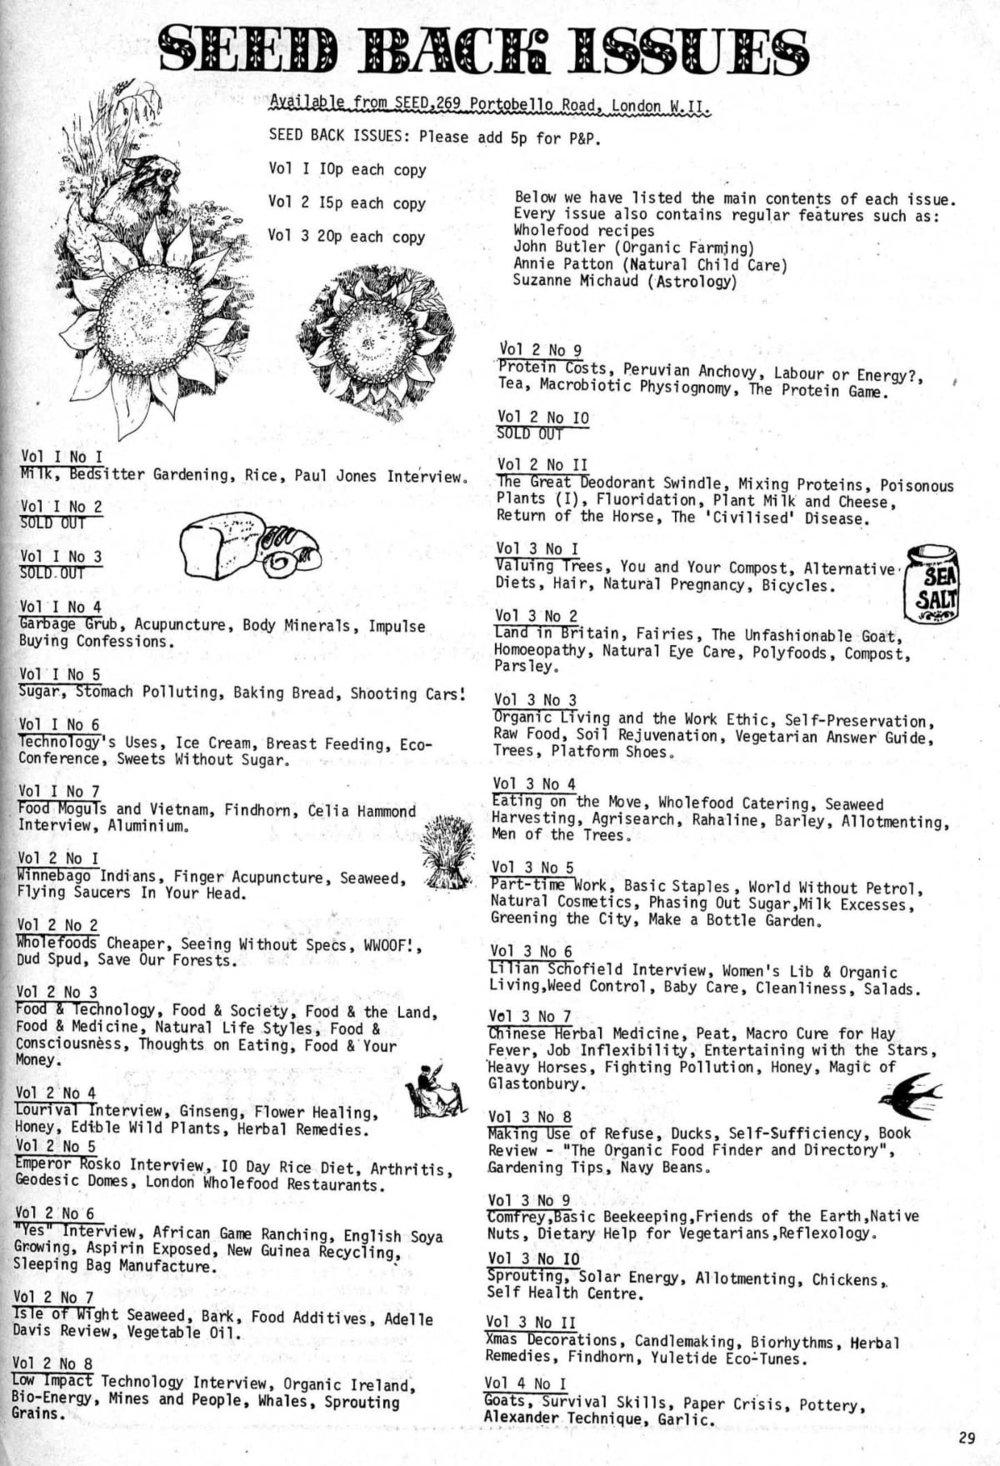 seed-v4-n2-feb1975-29.jpg